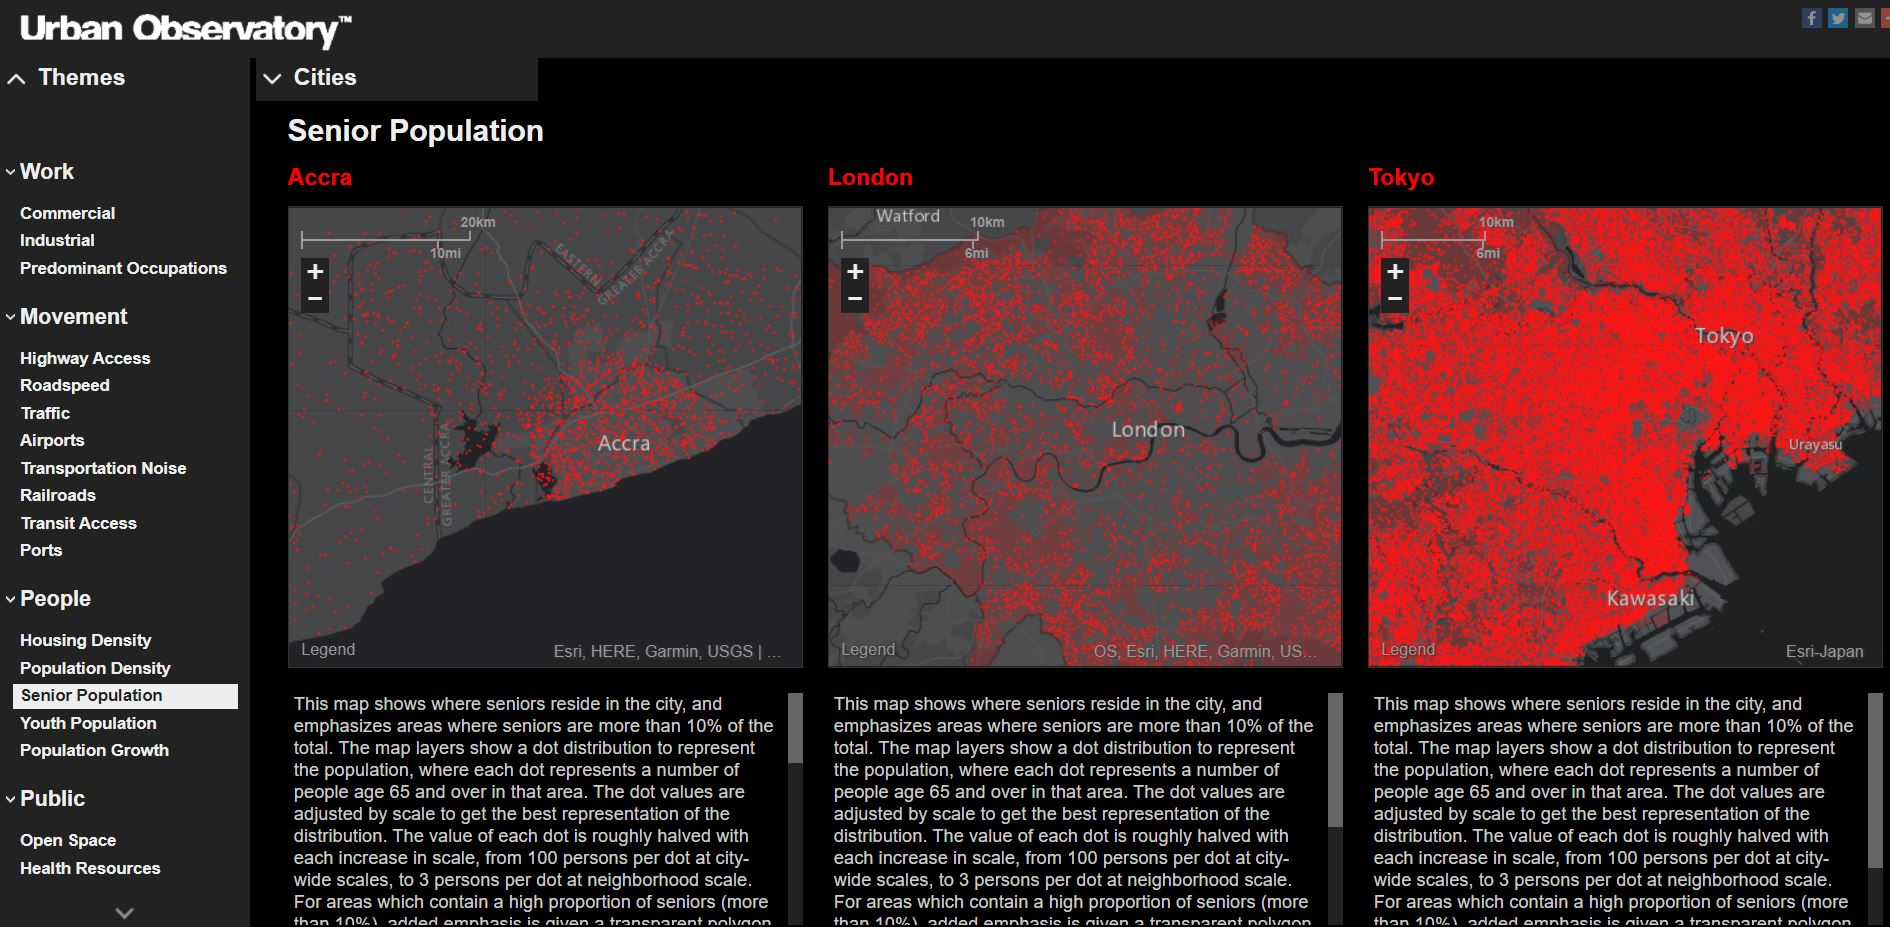 Cette image montre l'application de l'Observatoire urbain. Il y a trois cartes avec des entités surlignées en rouge qui illustrent la population de personnes âgées dans trois villes.